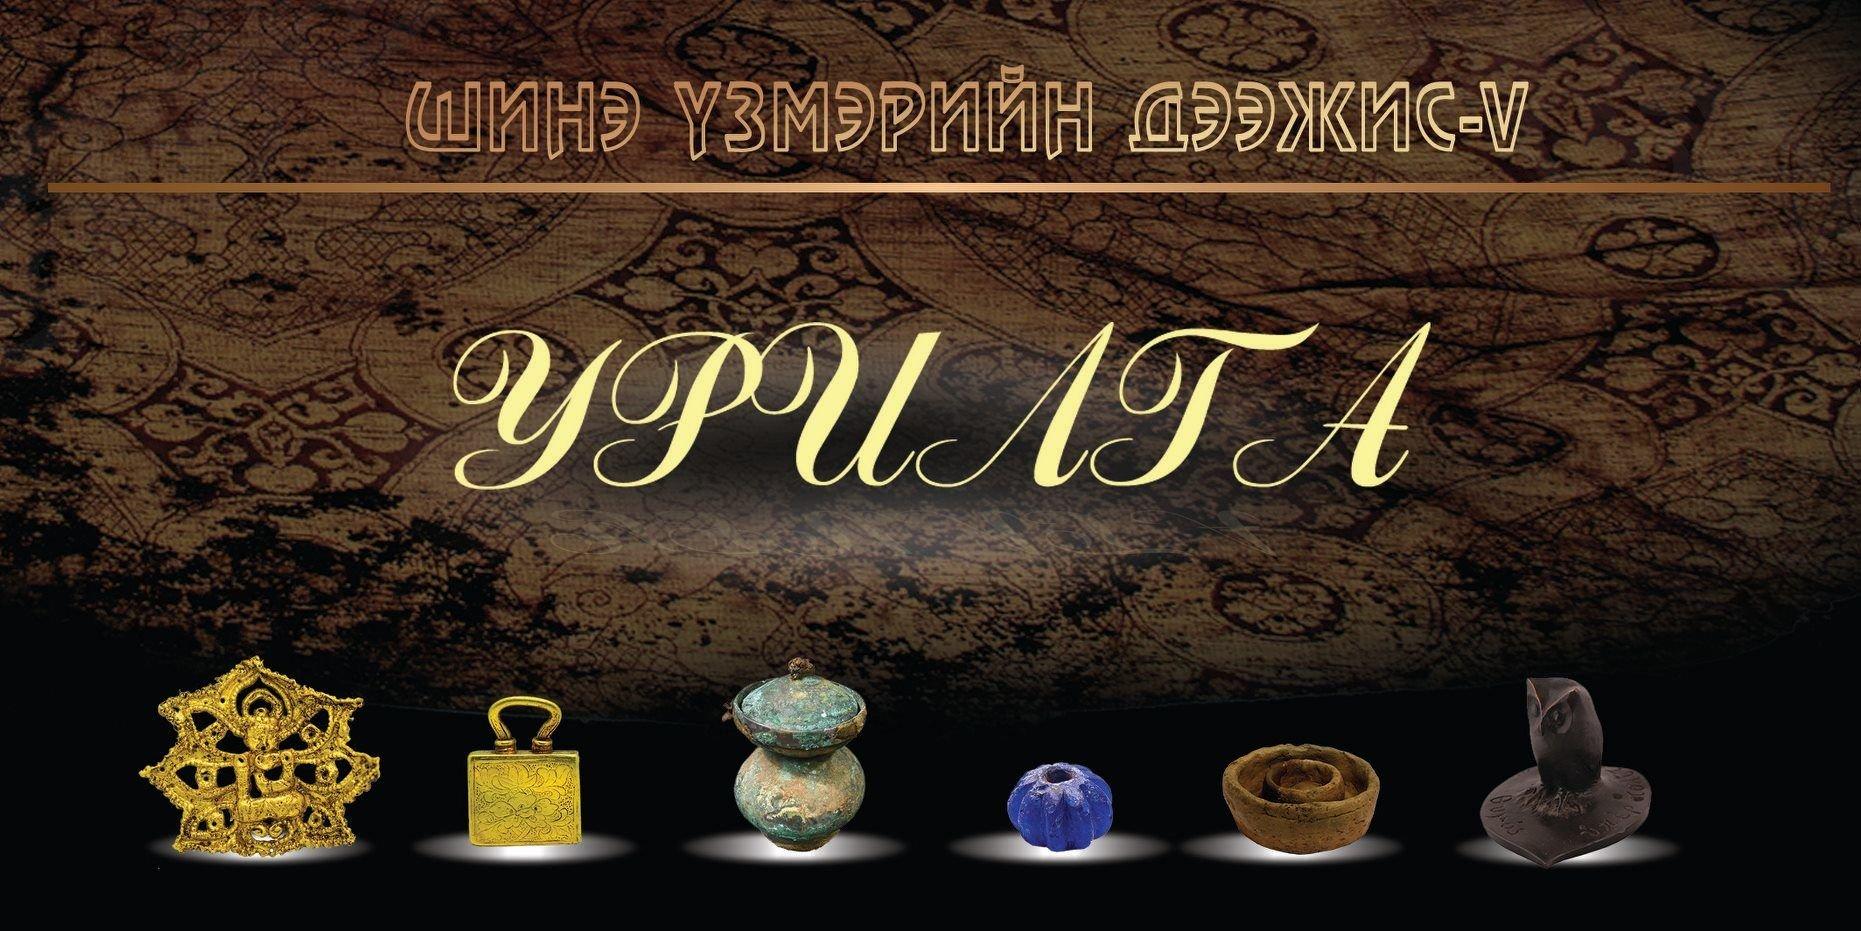 Монголын Үндэсний музейгээс шинэ үзмэрийн дээжис танилцуулна